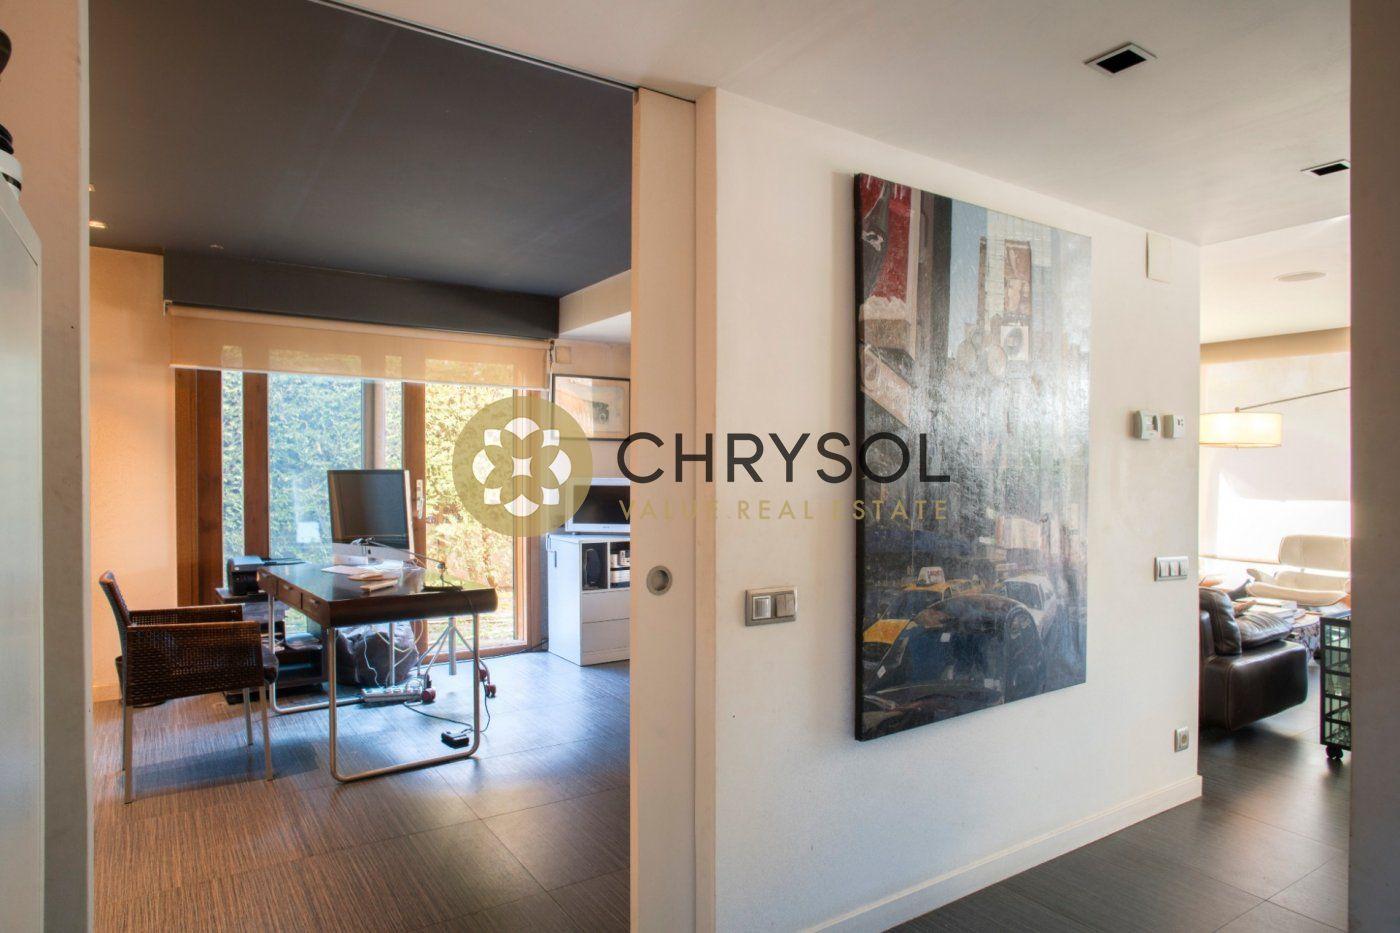 Fotogalería - 30 - Chrysol Value